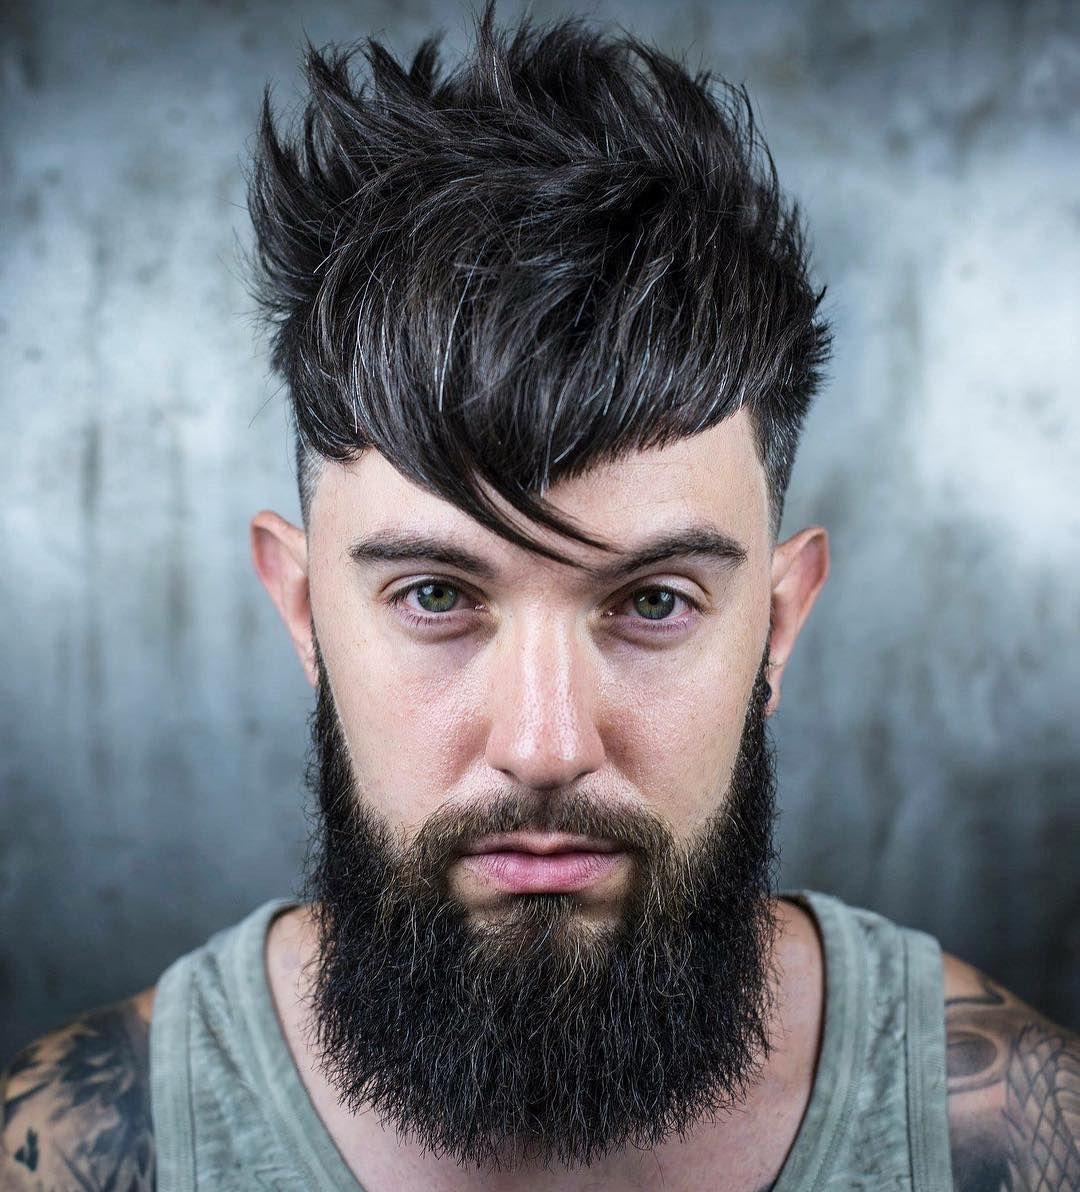 Boy haircuts 2018 mens haircuts  top  u pro barber tipsmens haircuts  top